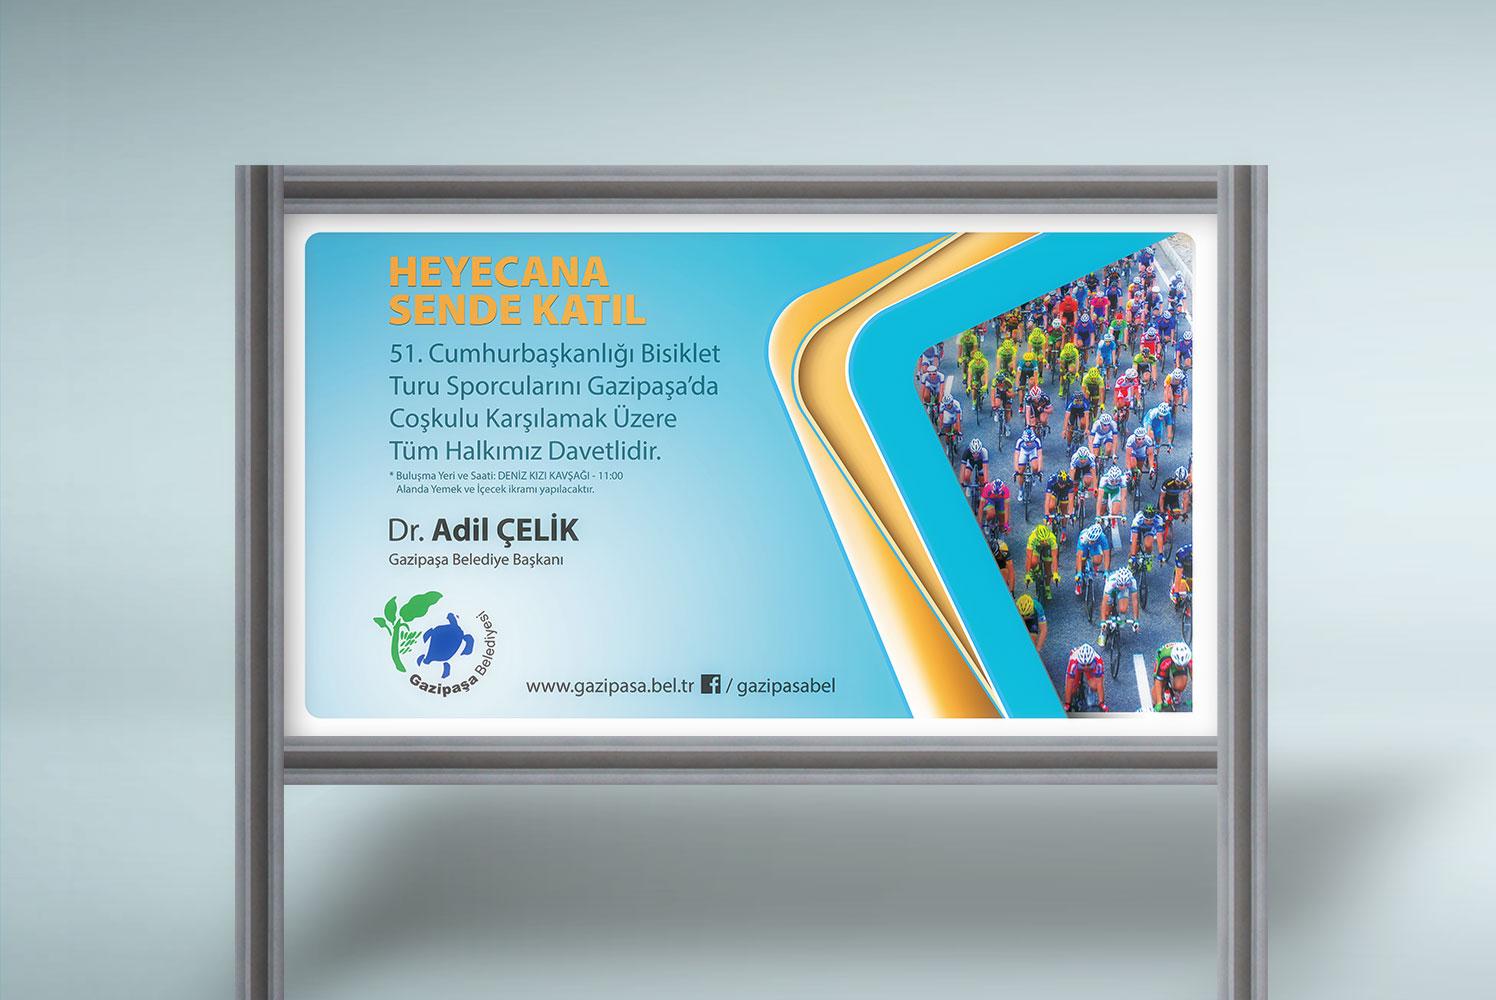 Coşkulu Karşılama Davet Mesajı Afişi - Gazipaşa Belediyesi Dr. Adil Çelik